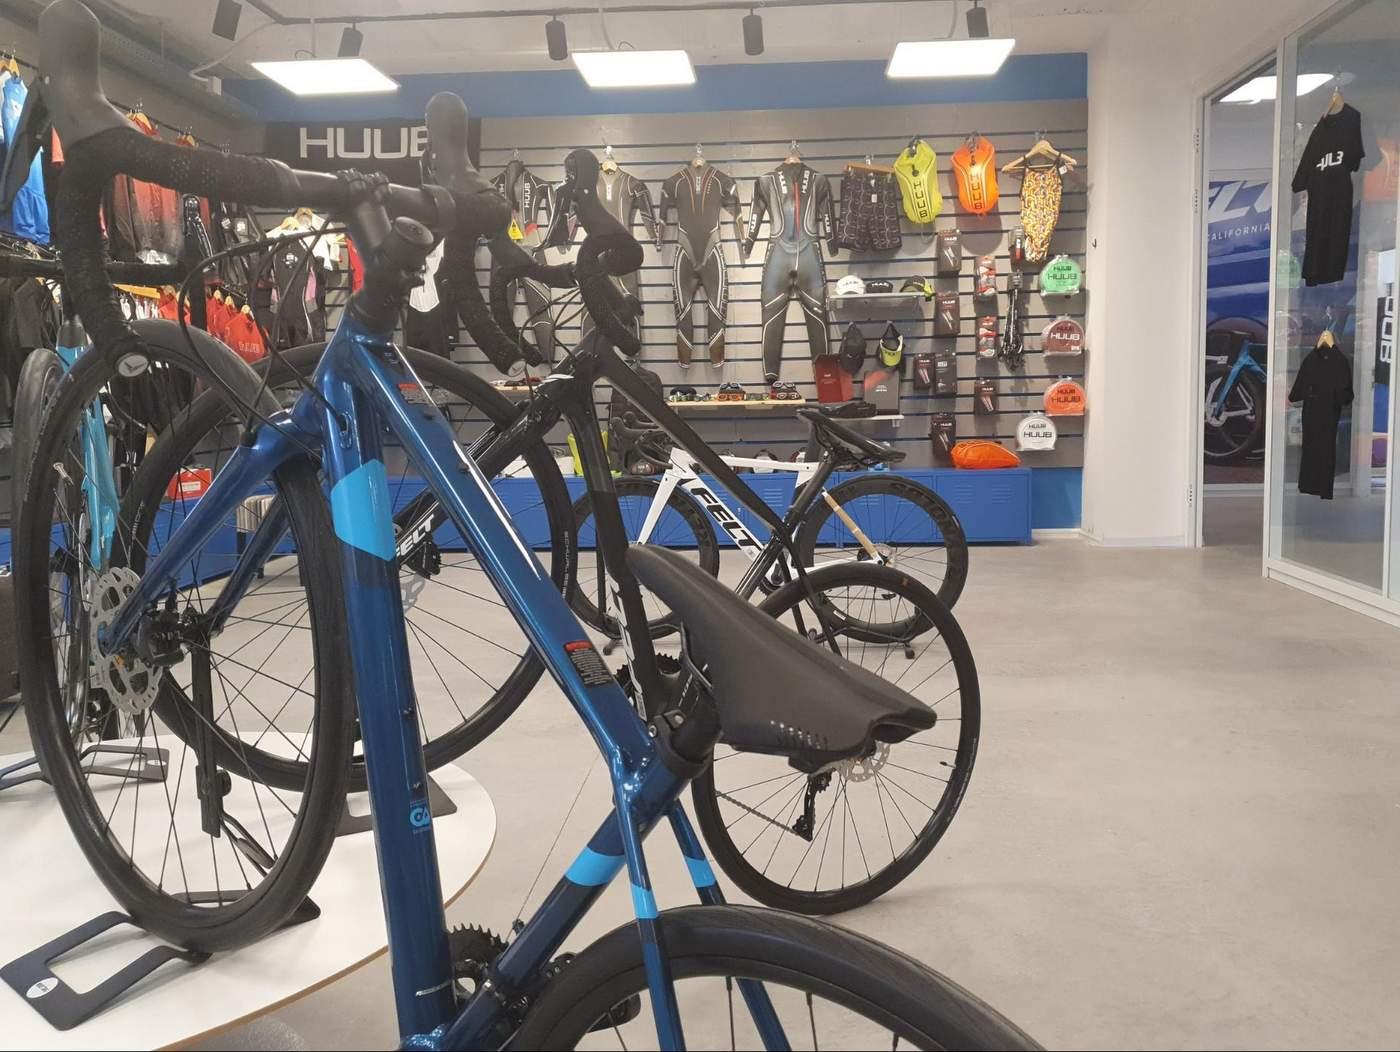 חנות לציוד שחייה ואופניים תל אביב